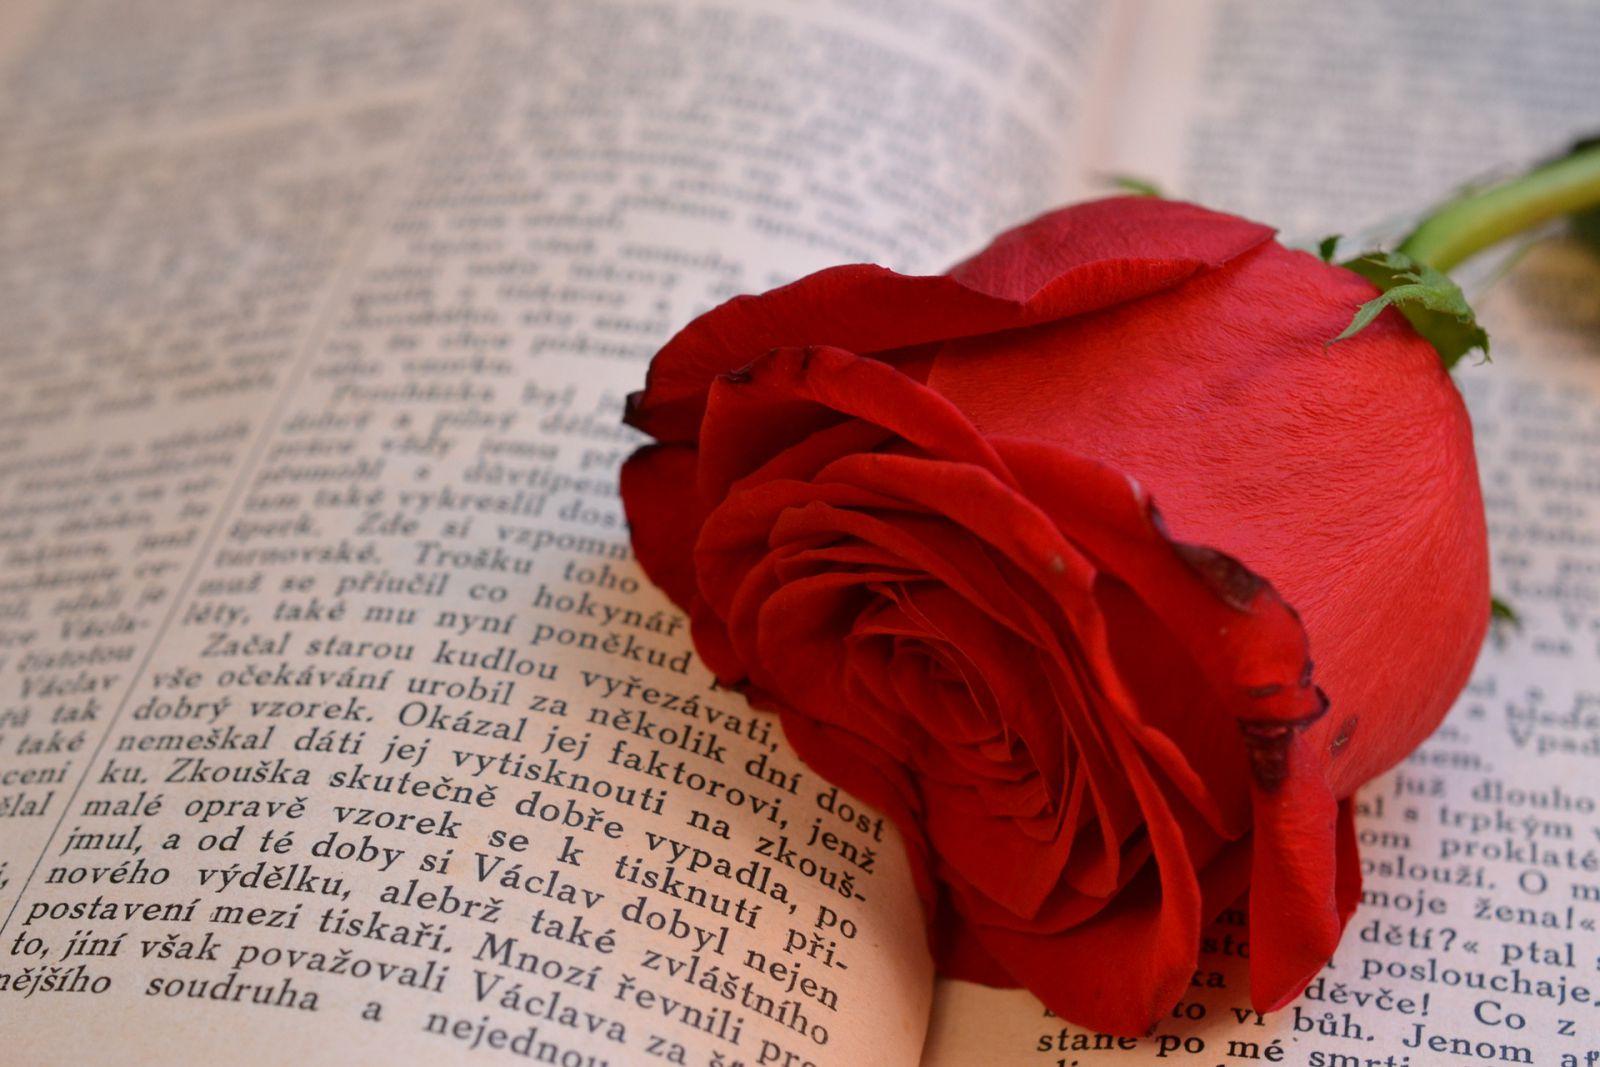 na zdjęciu czerwona róża położona na otwartej książce